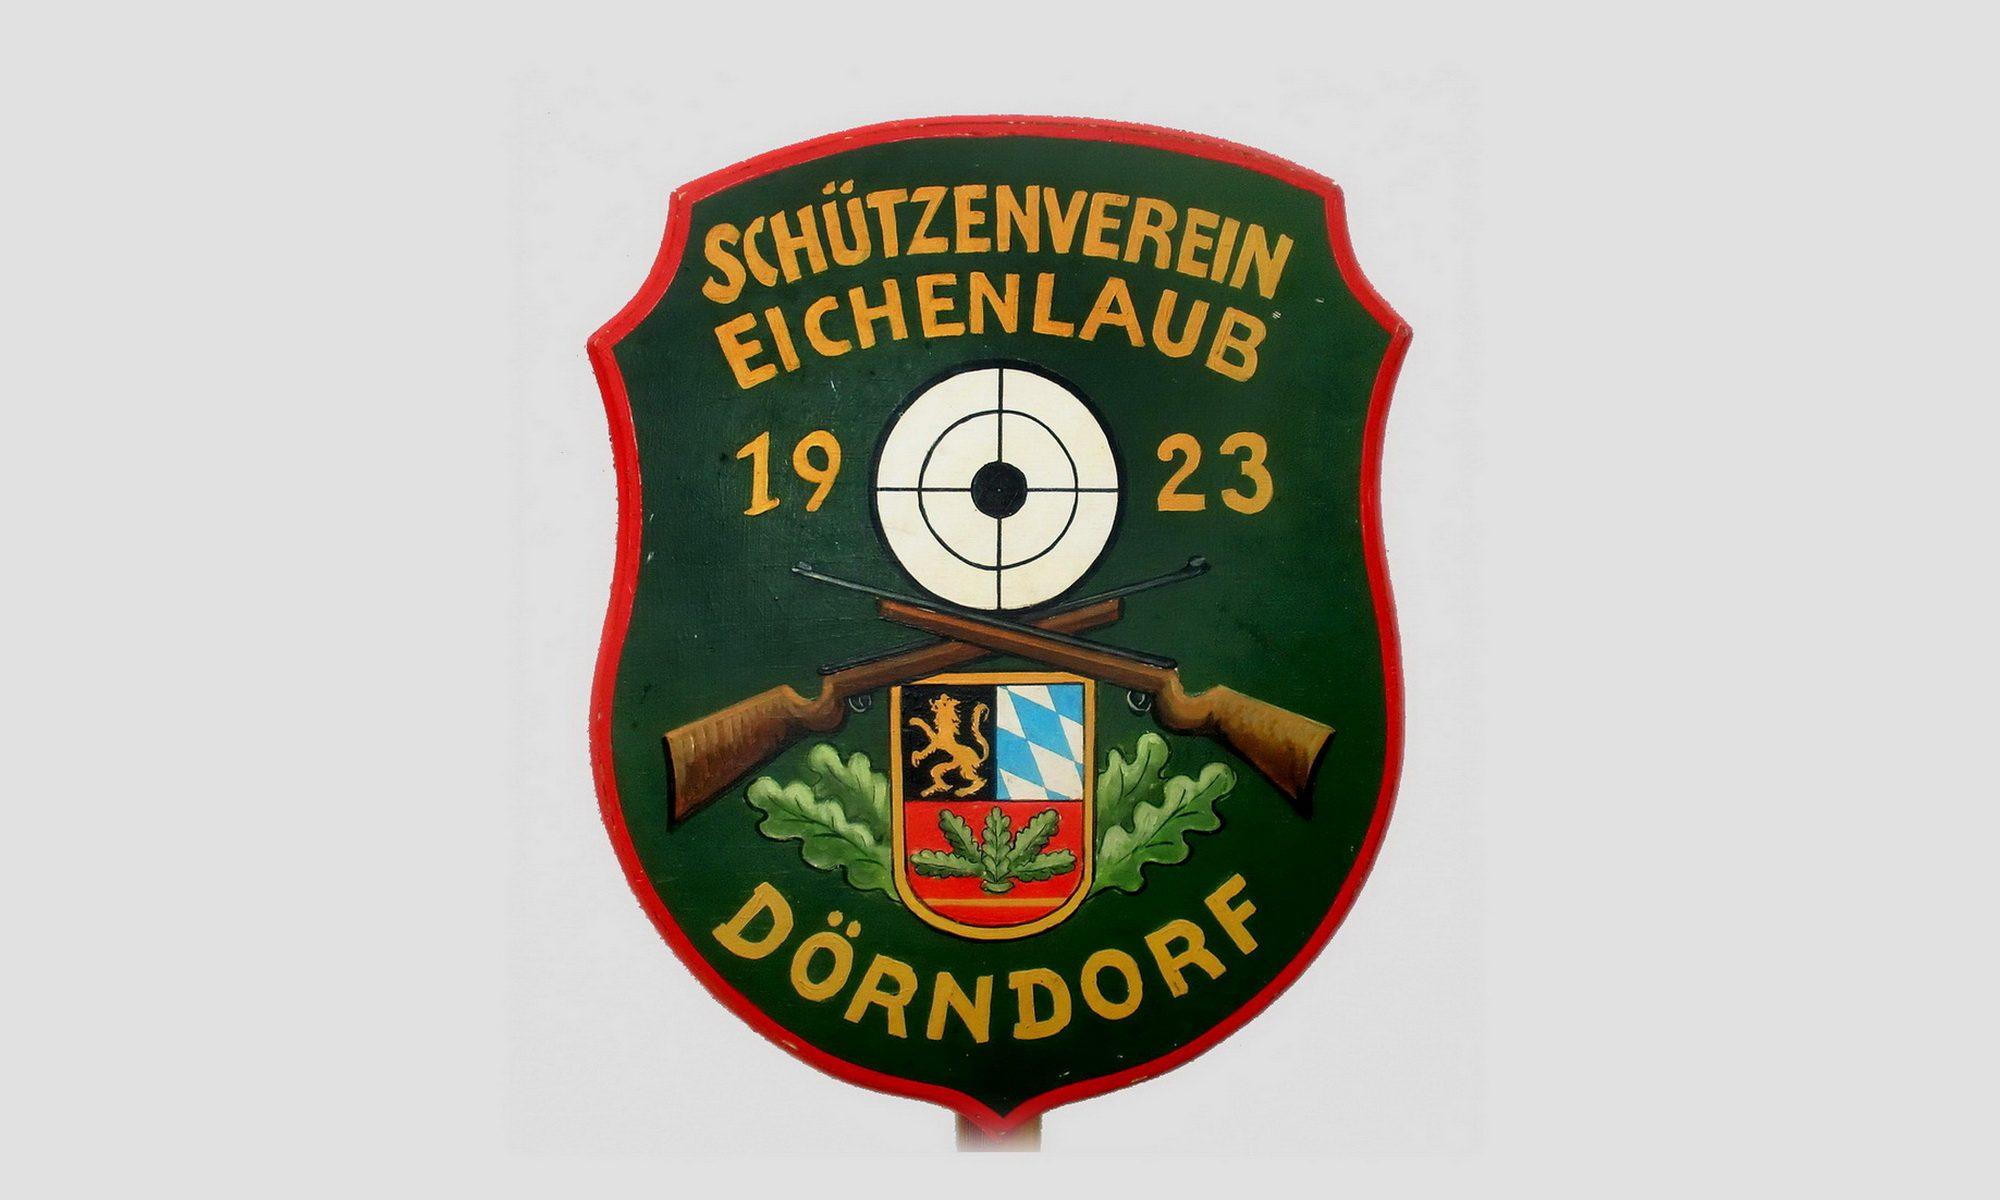 Schützenverein Eichenlaub Dörndorf